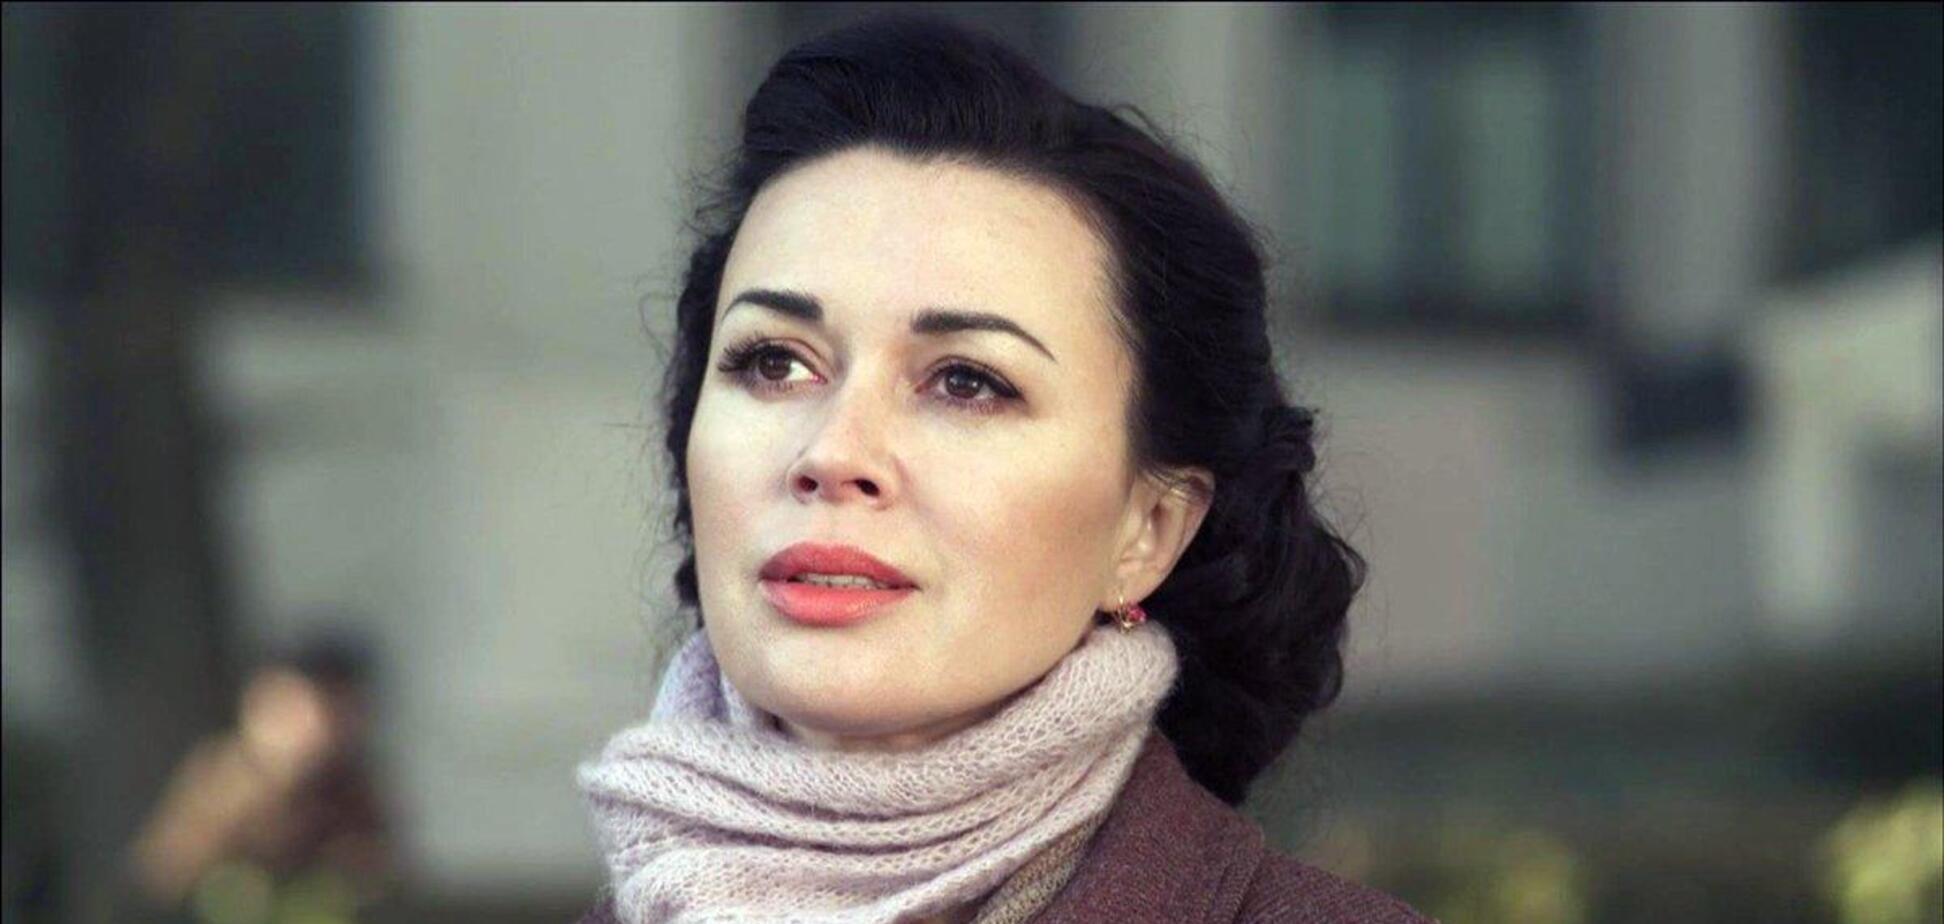 Анастасия Заворотнюк. Источник: Экспресс газета